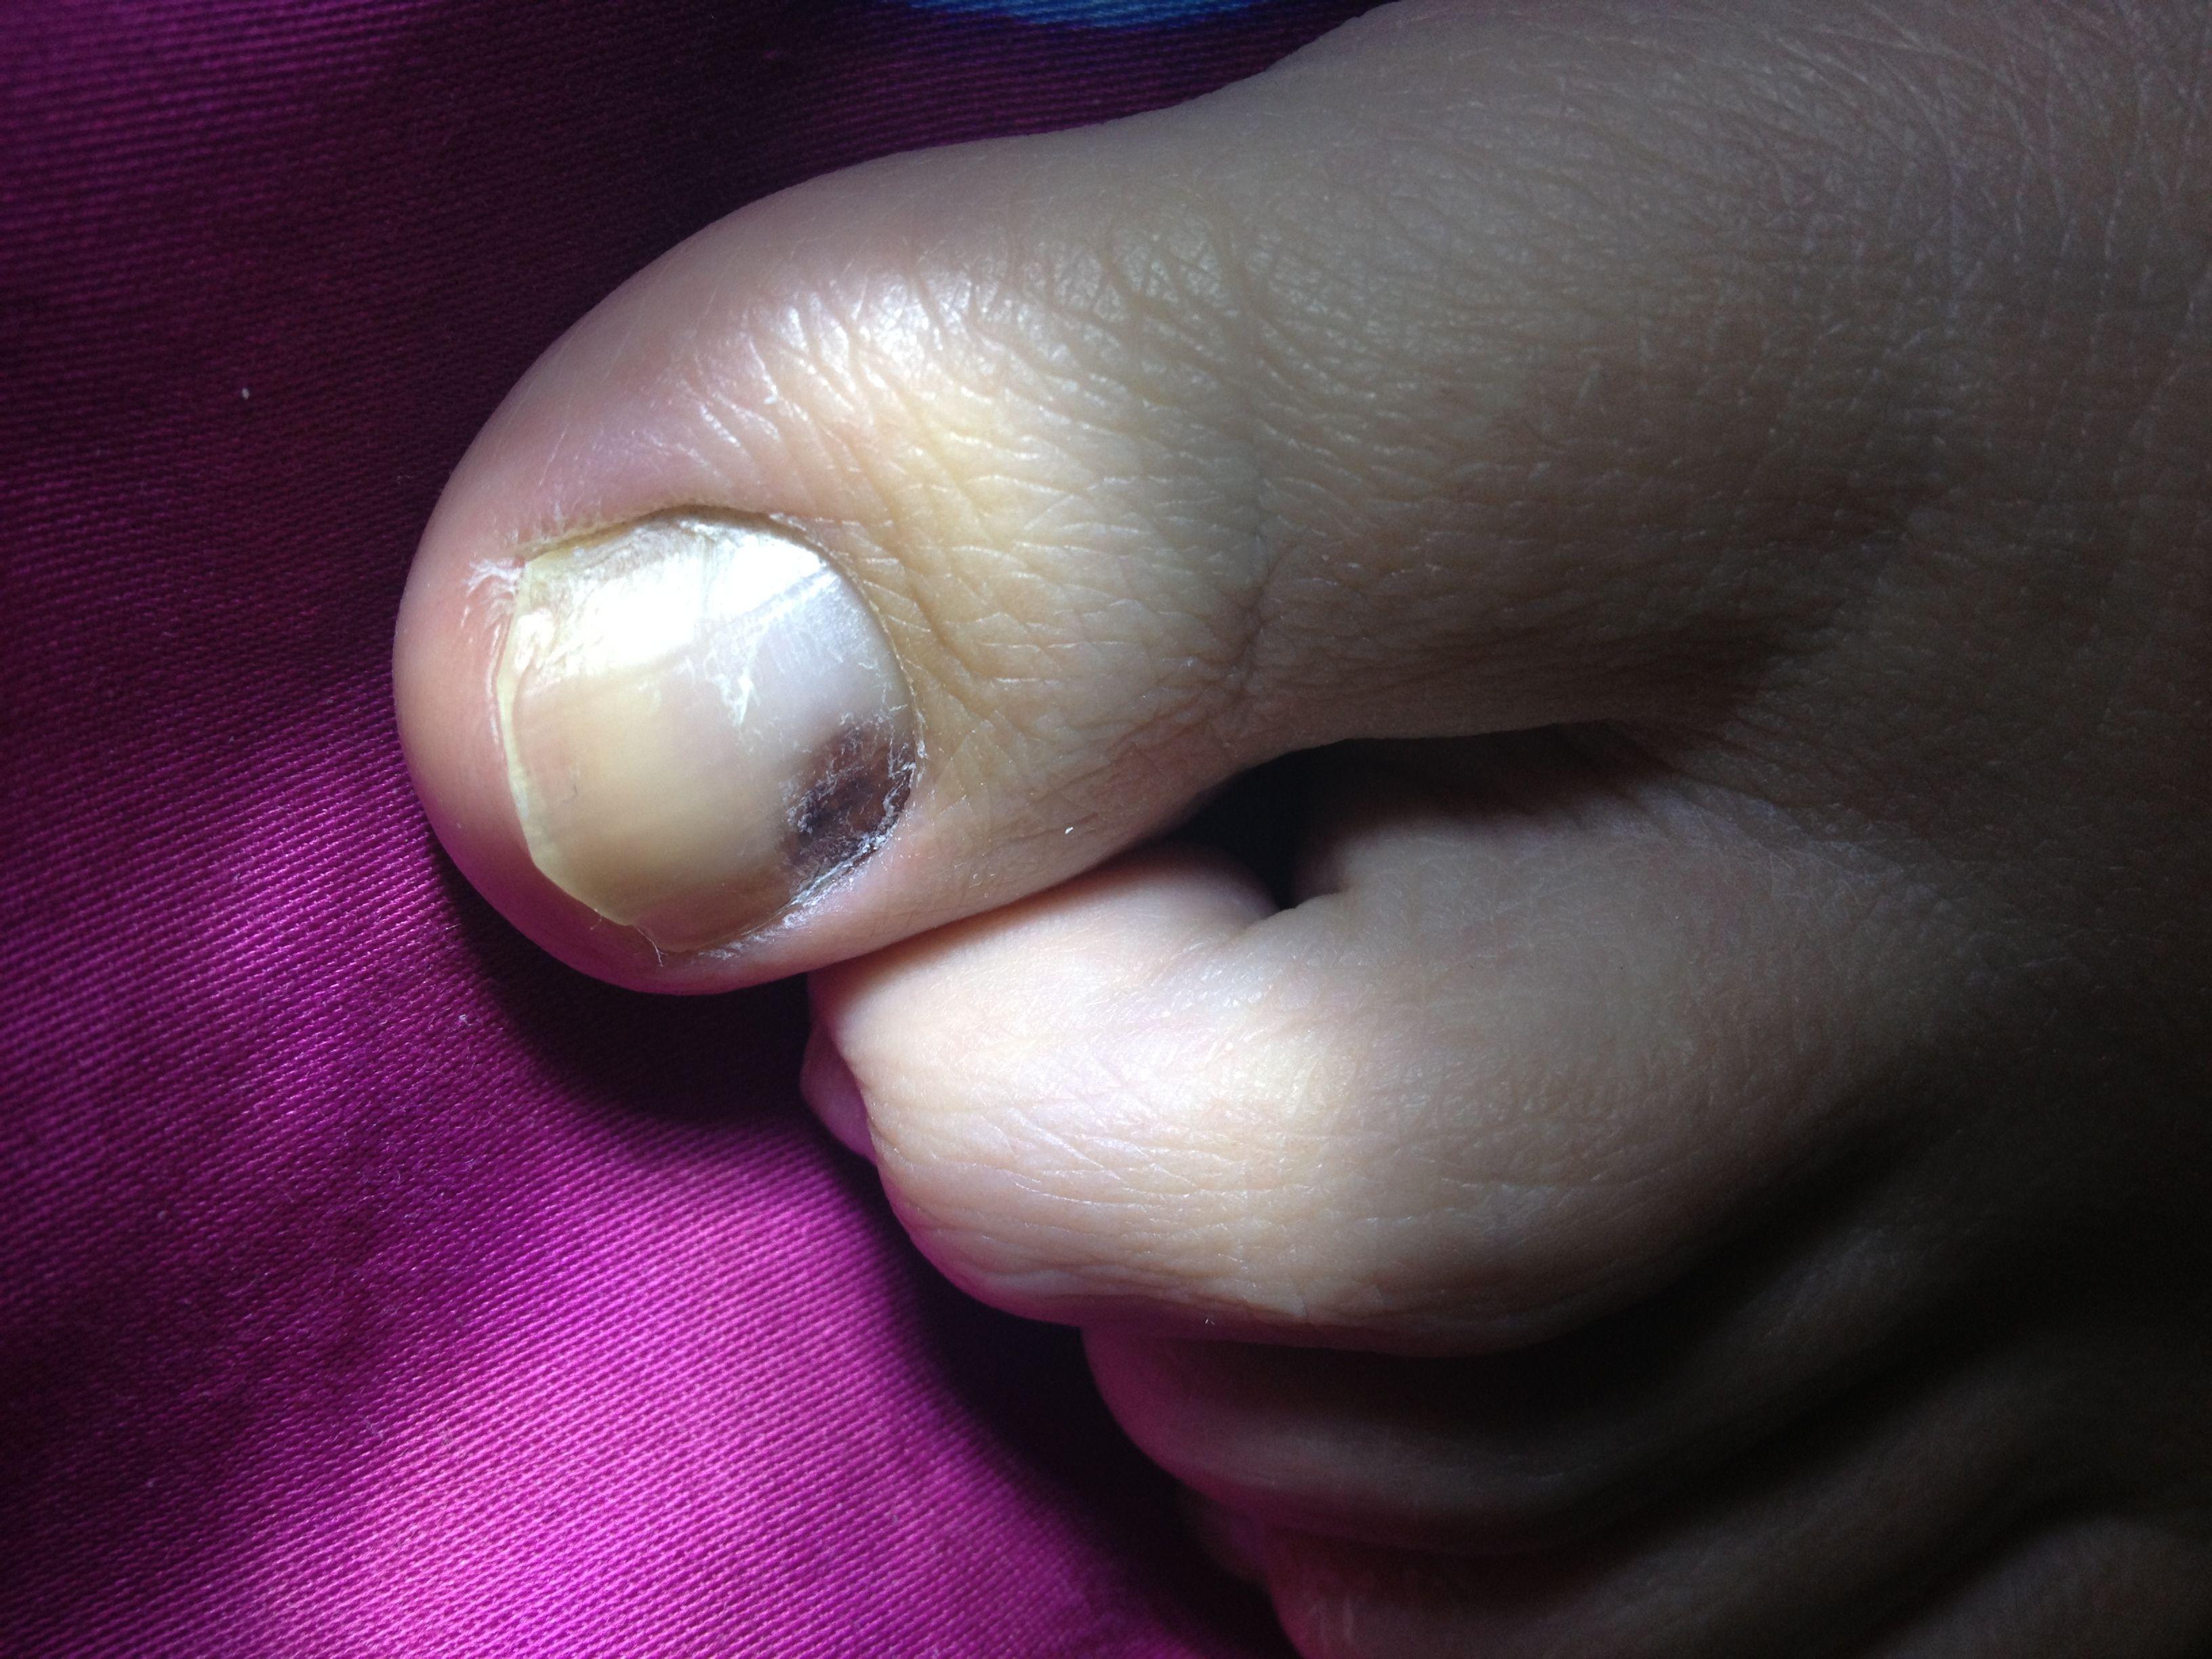 大脚趾黑色素瘤图片_2014脚指甲黑色素瘤图片脚指甲黑色素瘤图片 黑色素瘤图片